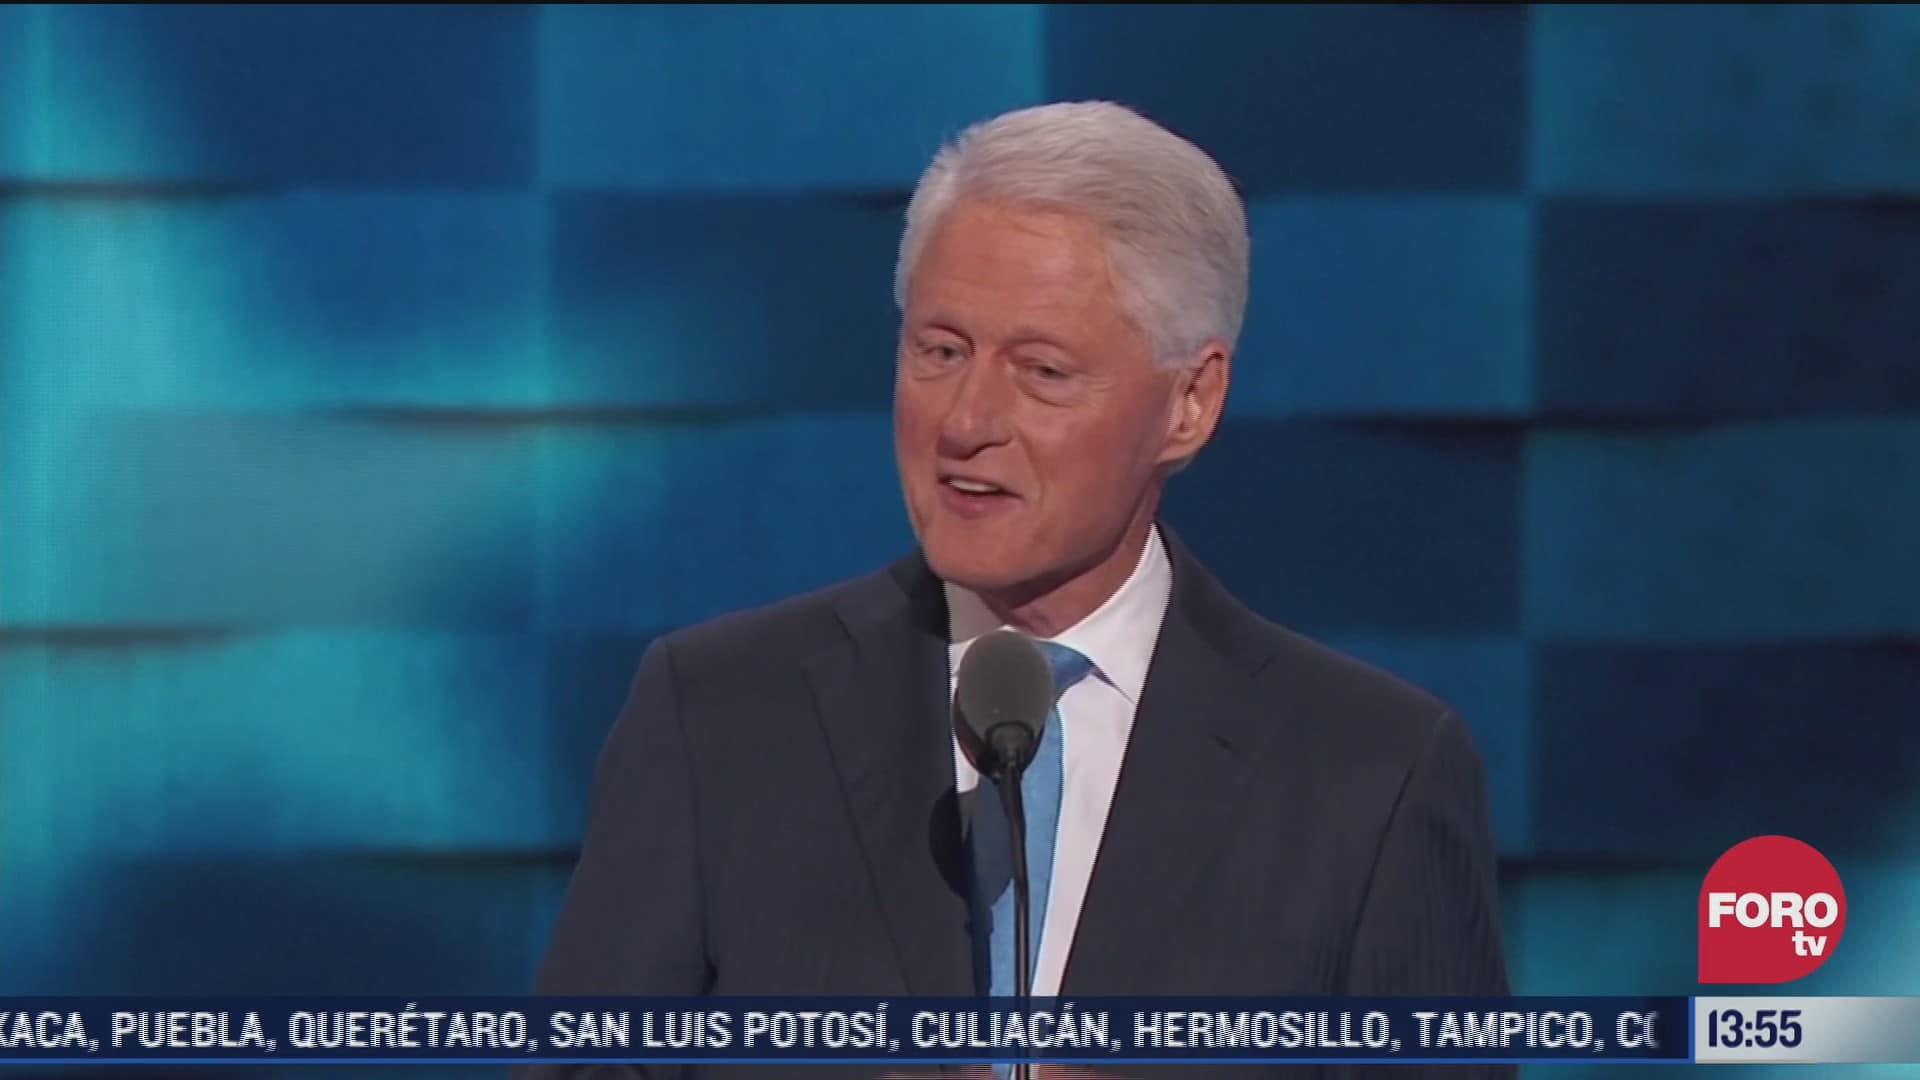 hospitalizan al expresidente de estados unidos bill clinton por infeccion urinaria